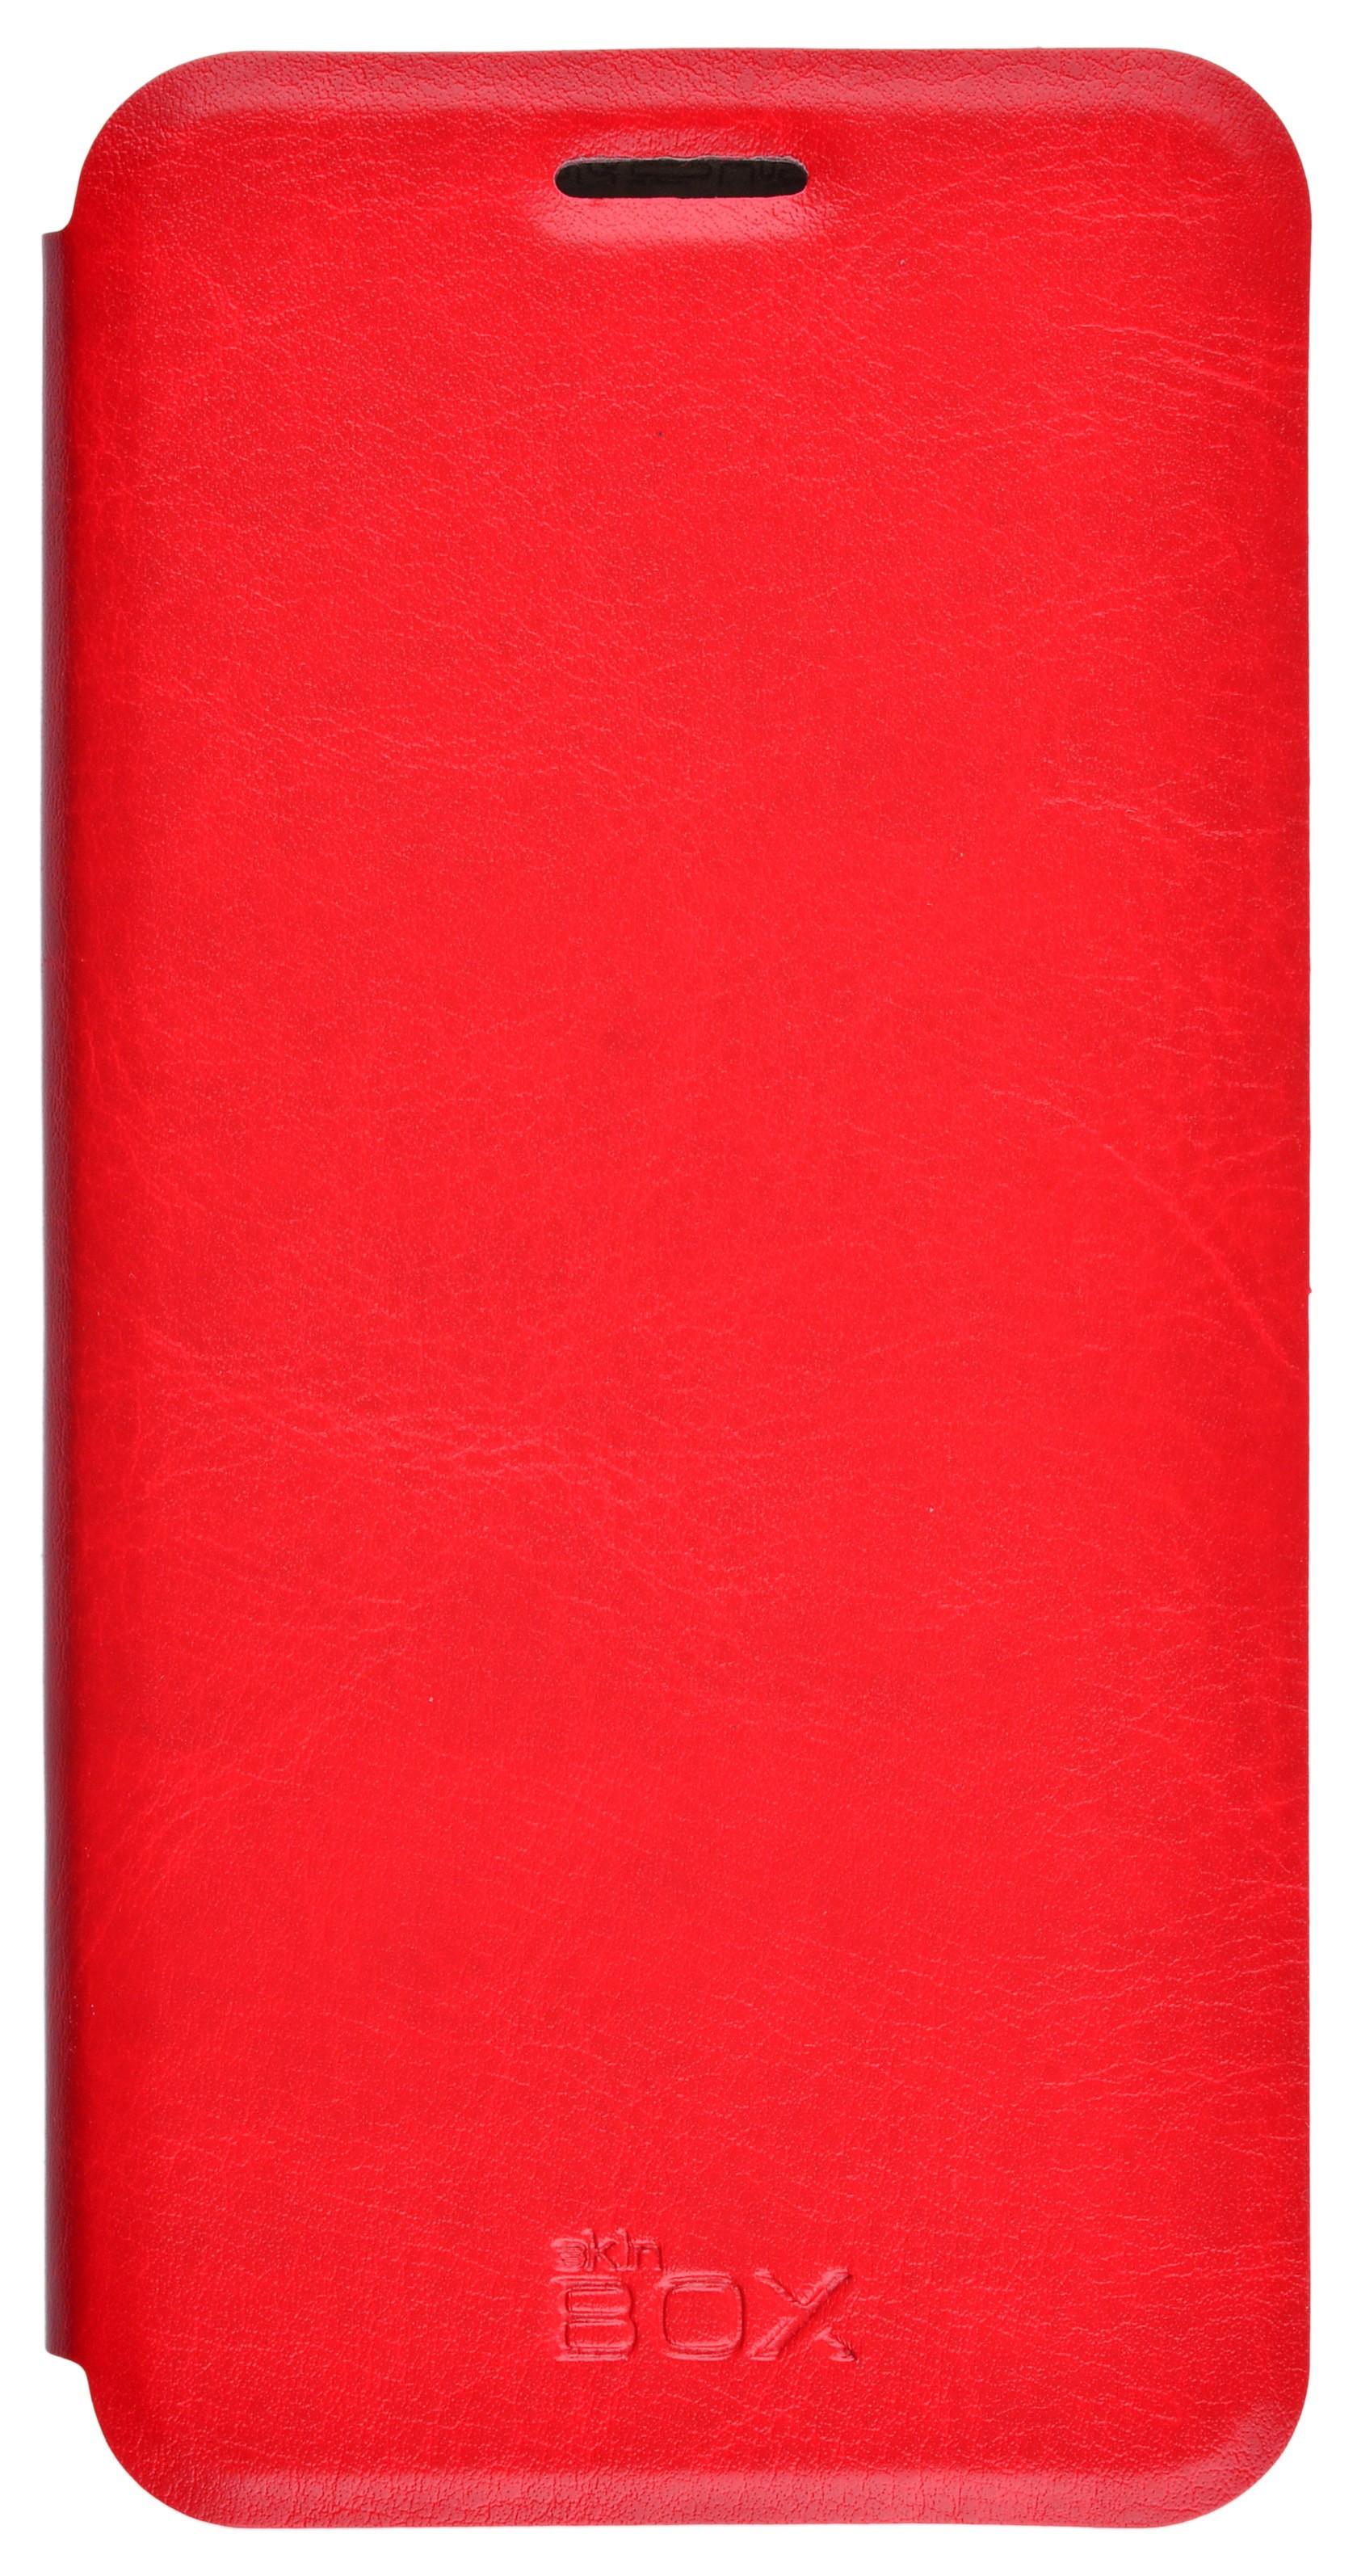 Чехол для сотового телефона skinBOX Lux, 4630042528840, красный